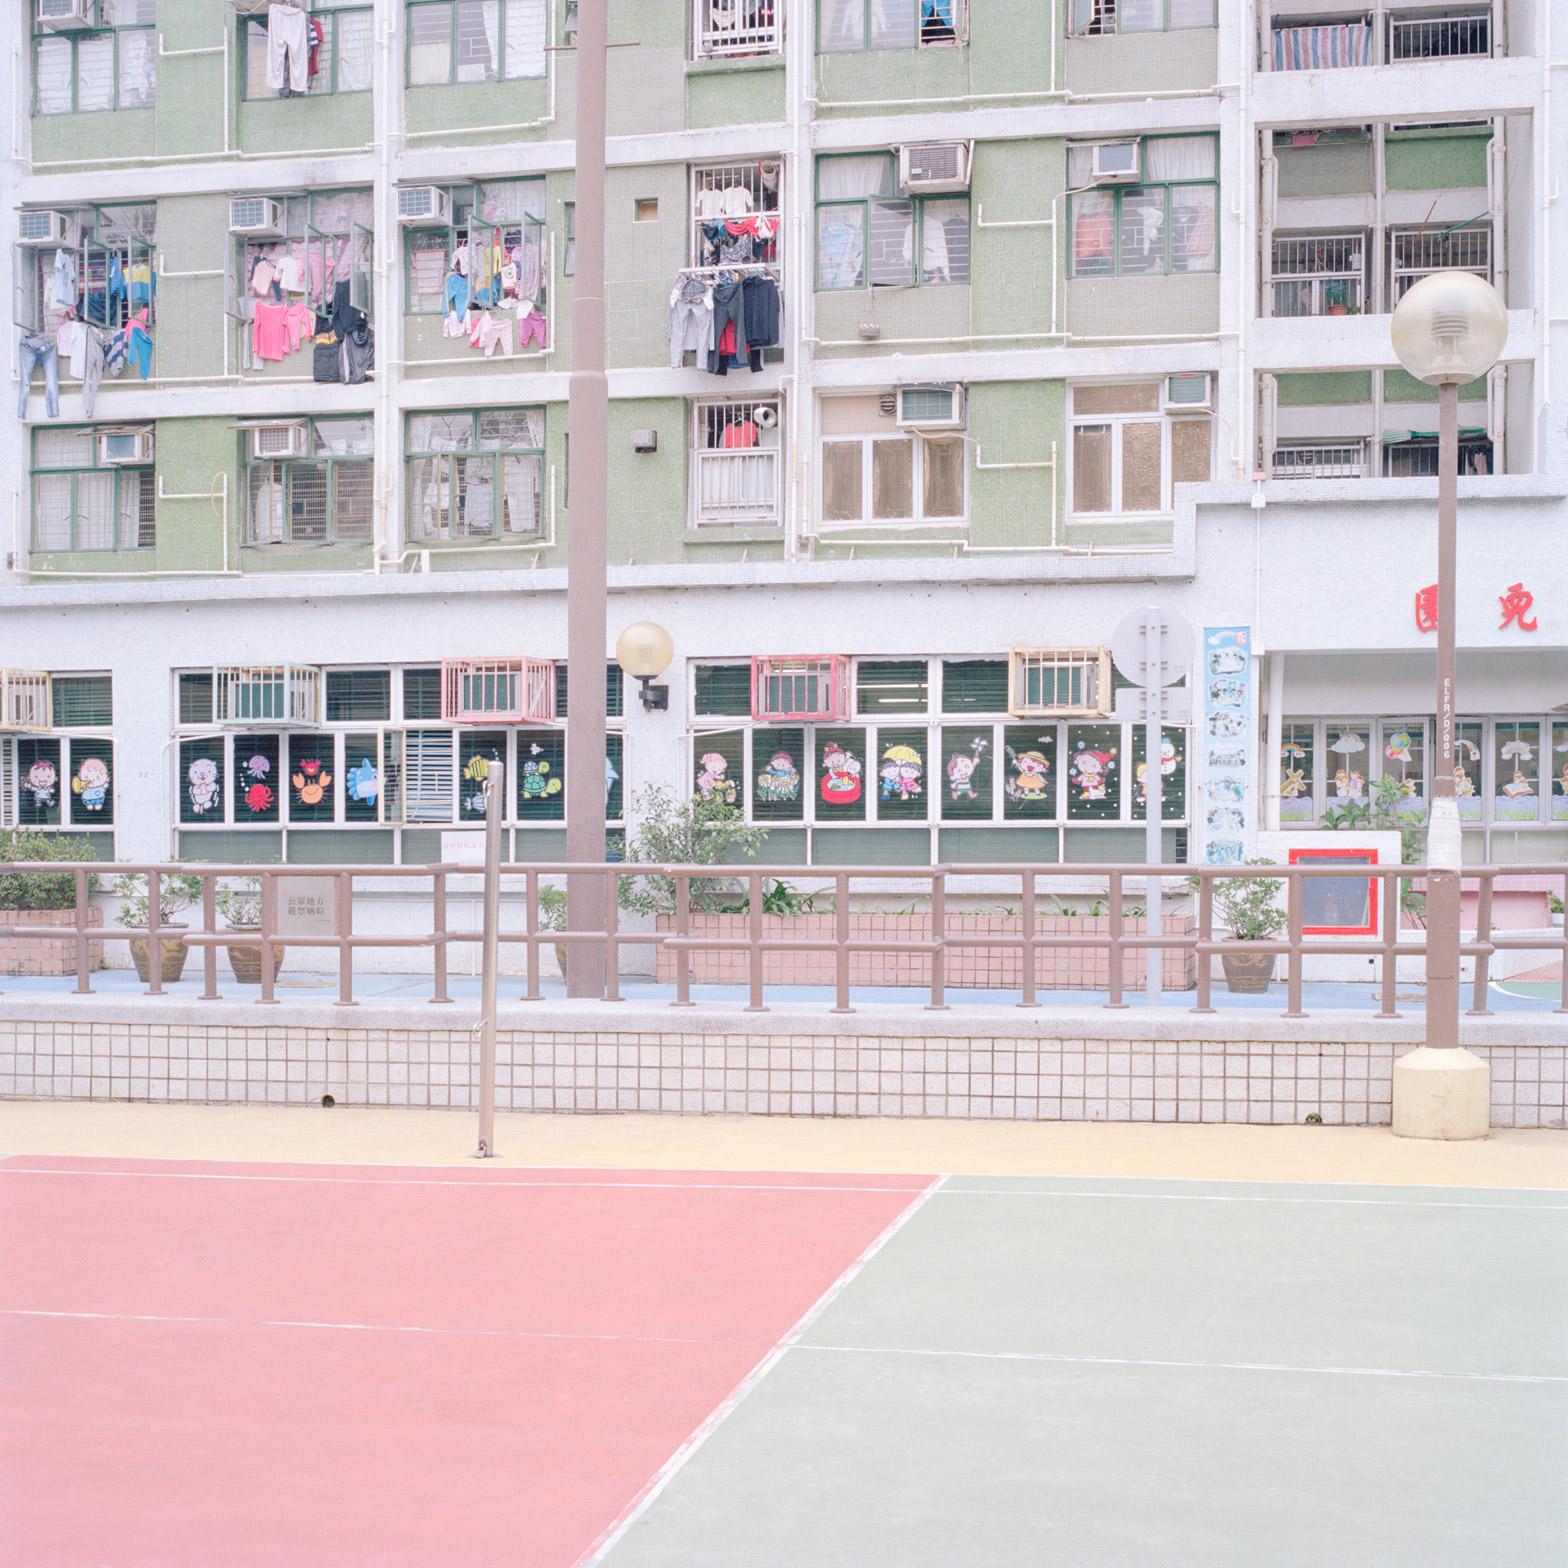 courts-by-ward-roberts_dezeen_1568_5.jpg